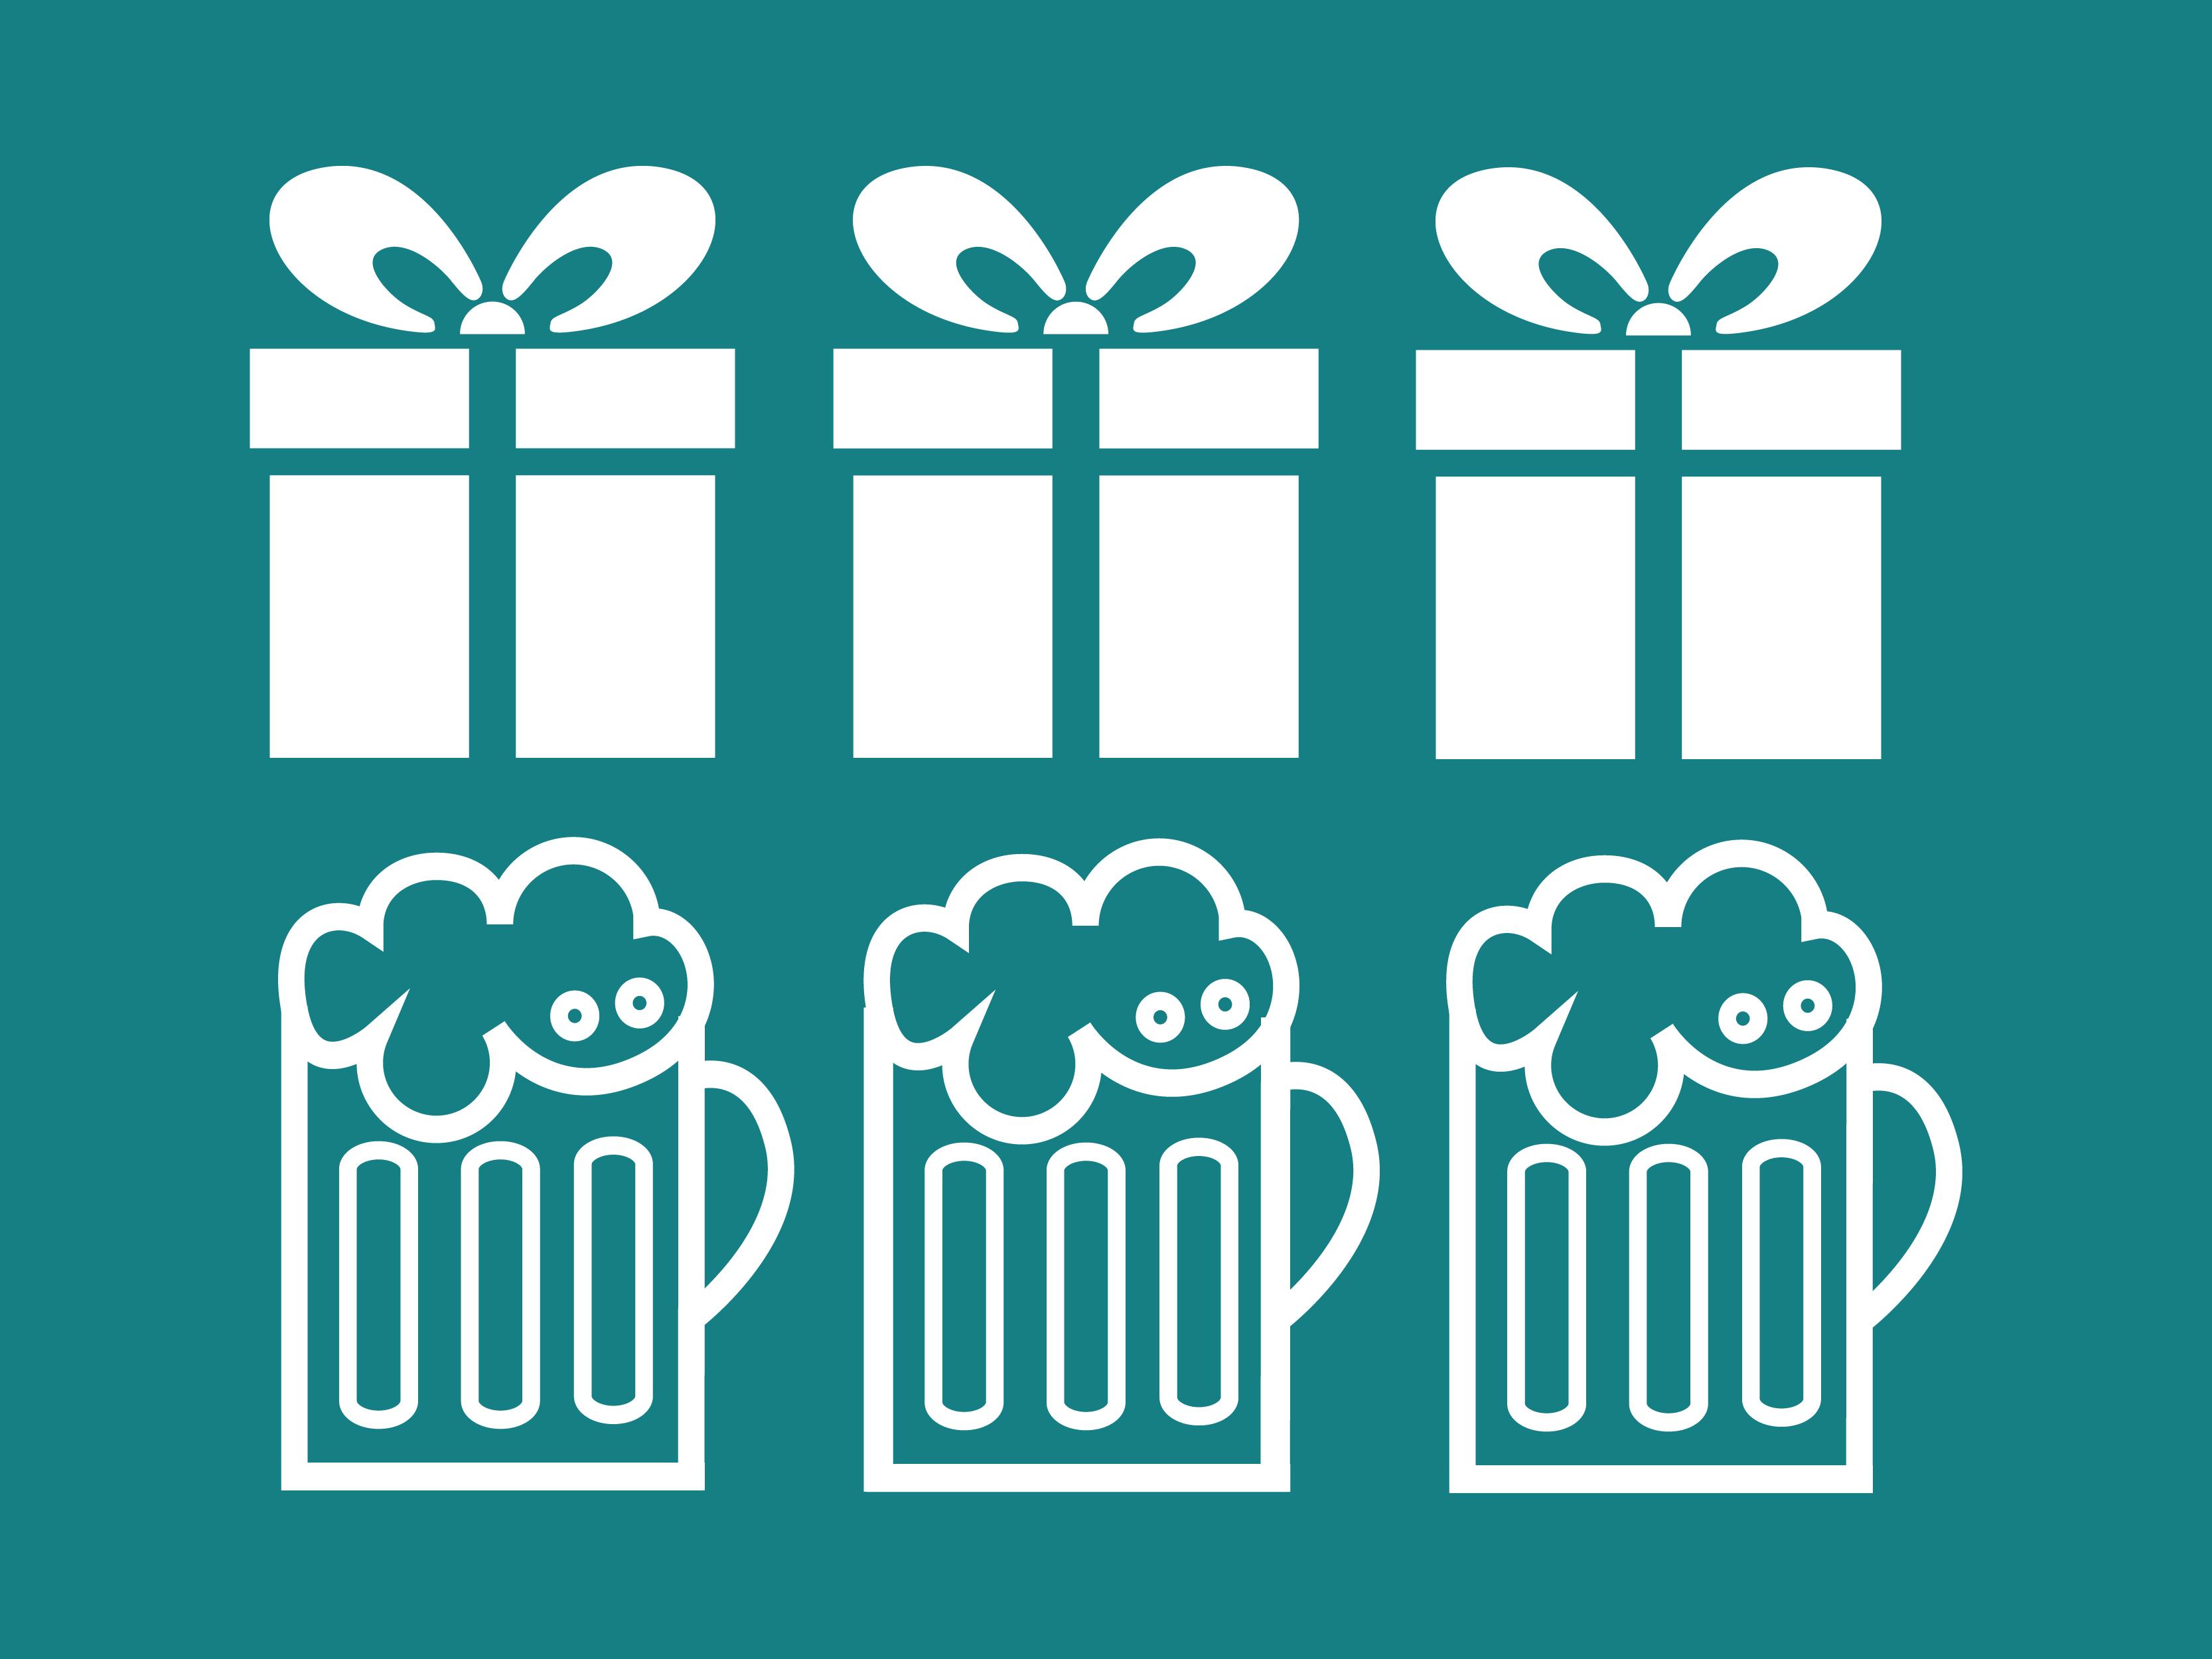 visu_cadeaux-05-1463574118.jpg